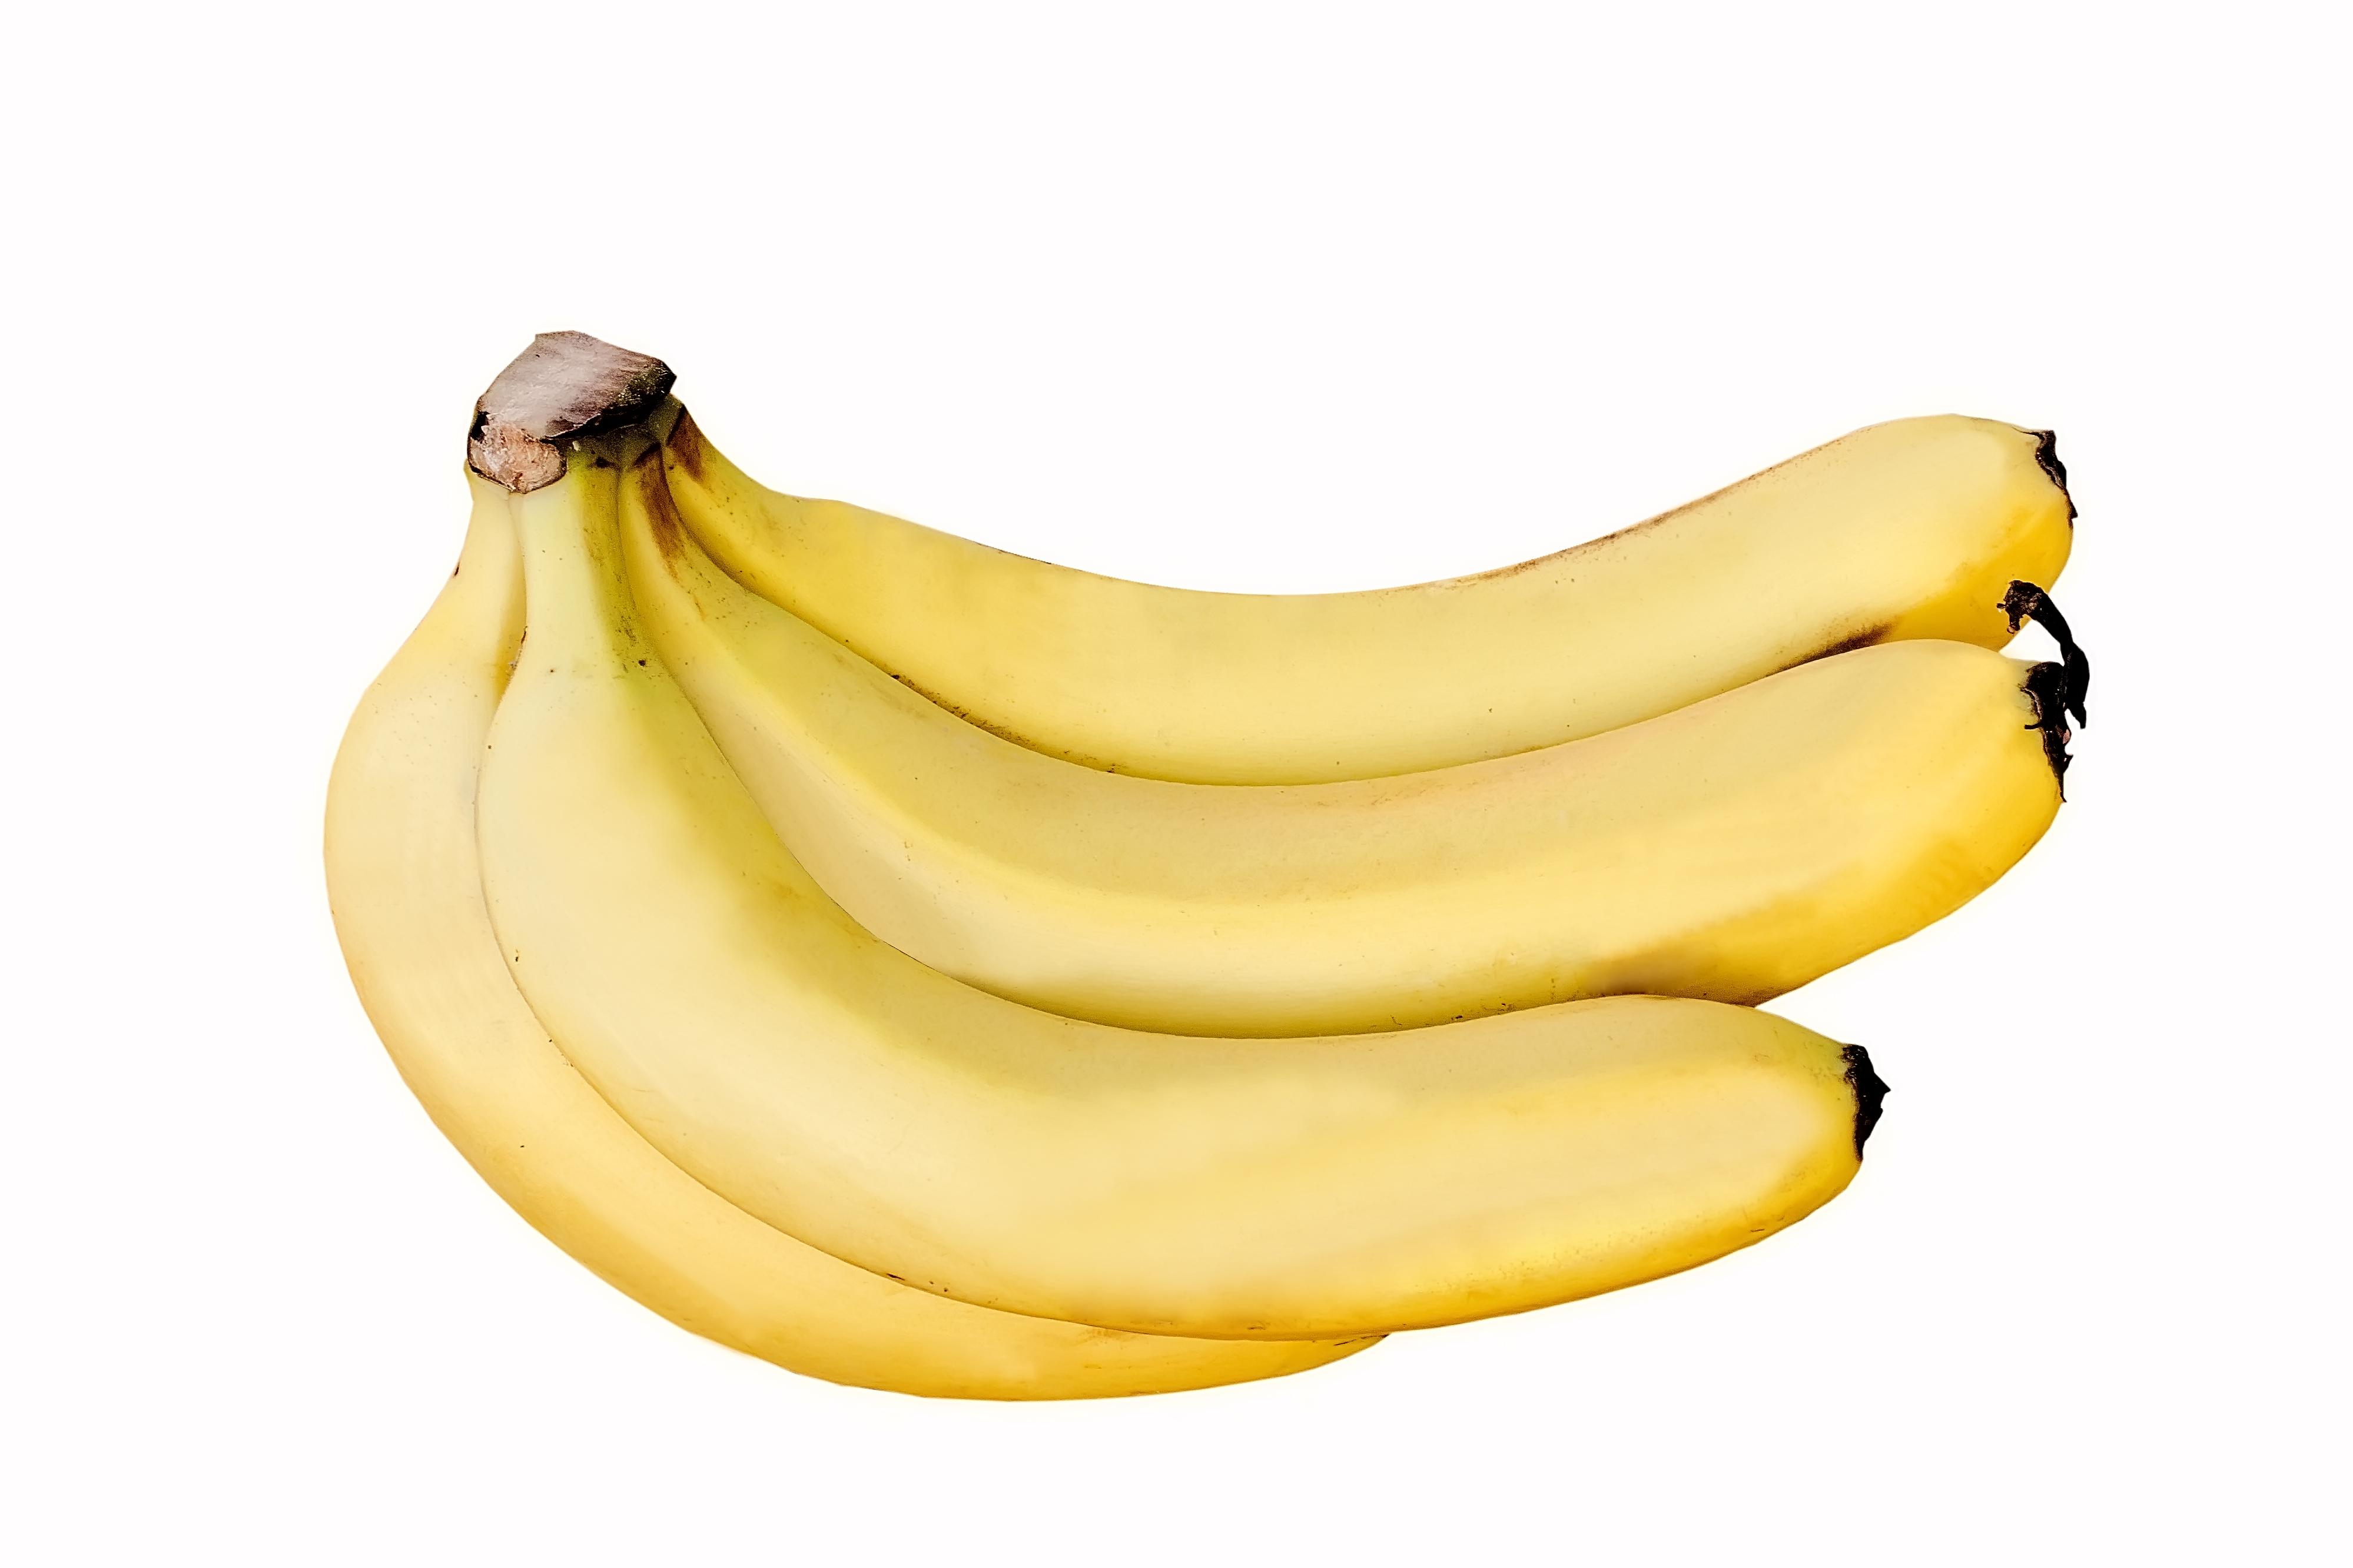 Ученые выяснили, с помощью какого фрукта можно вылечить грипп, гепатит и ВИЧ